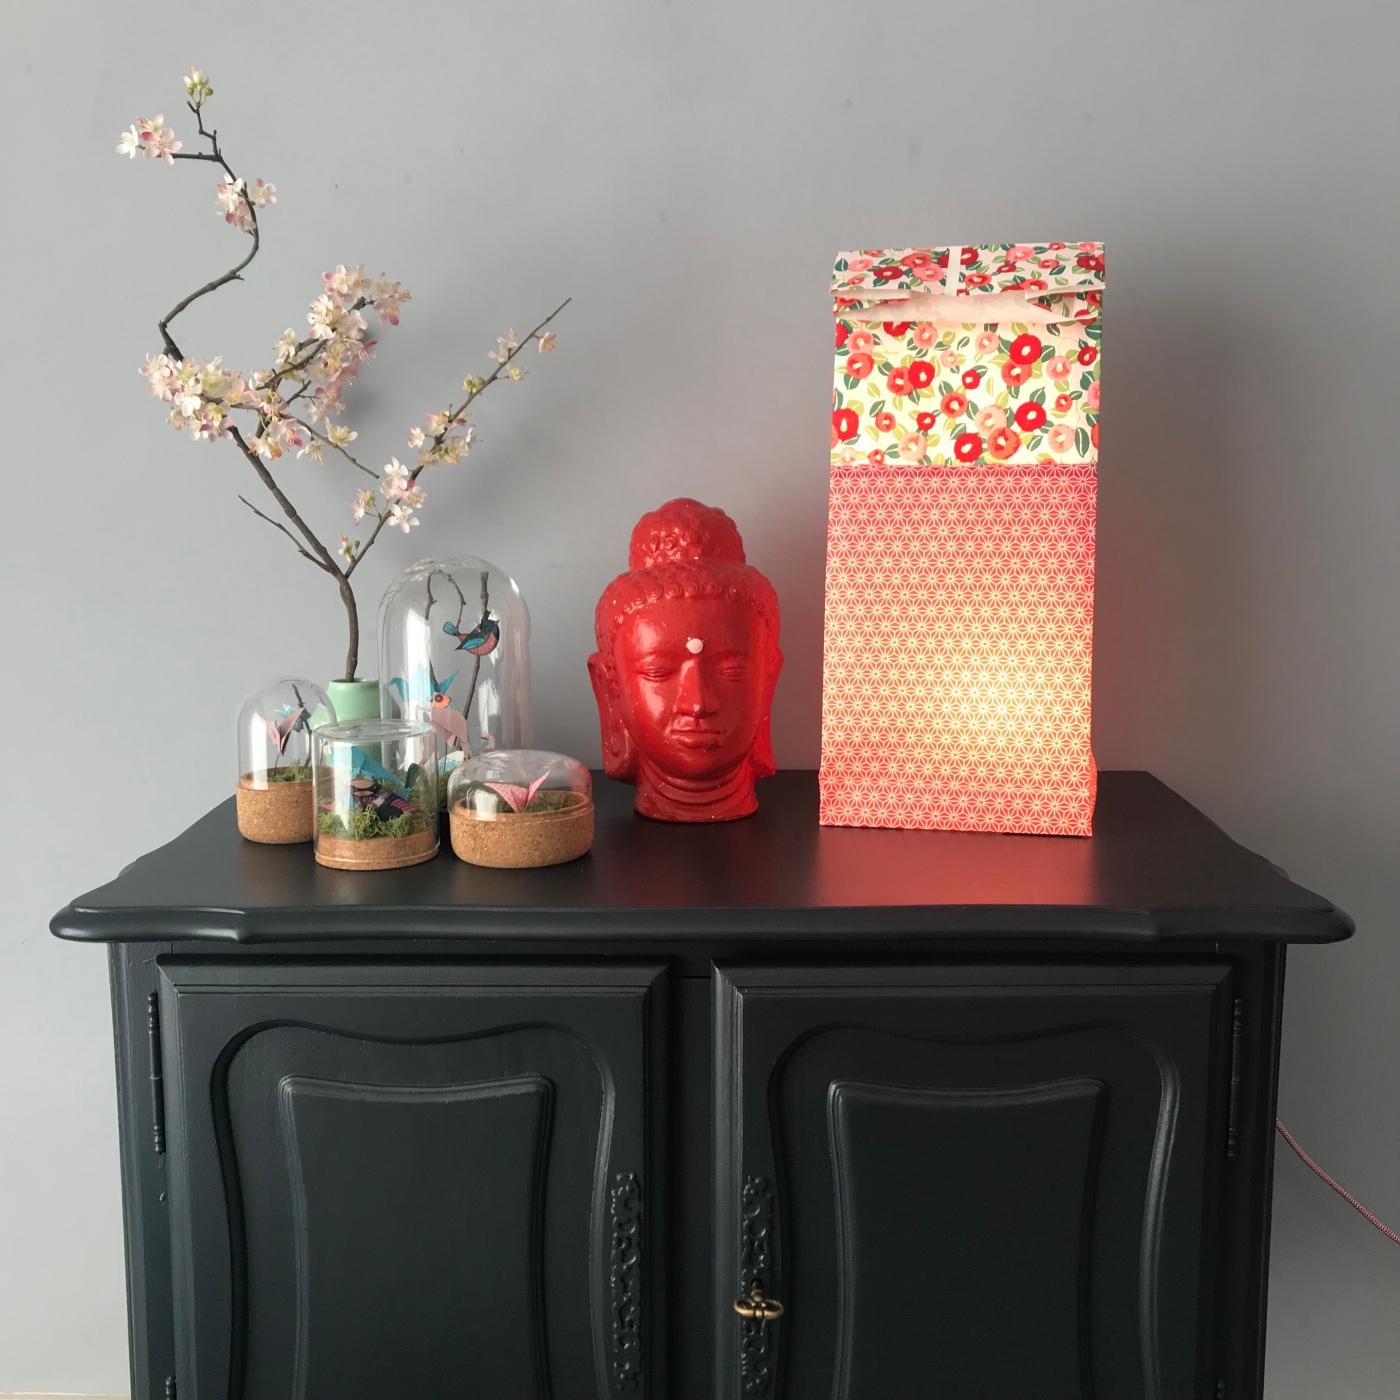 La lampe est dans le sac - origami - papier - lampe - bricolage - DIY - craft - kids - enfants - image à la une